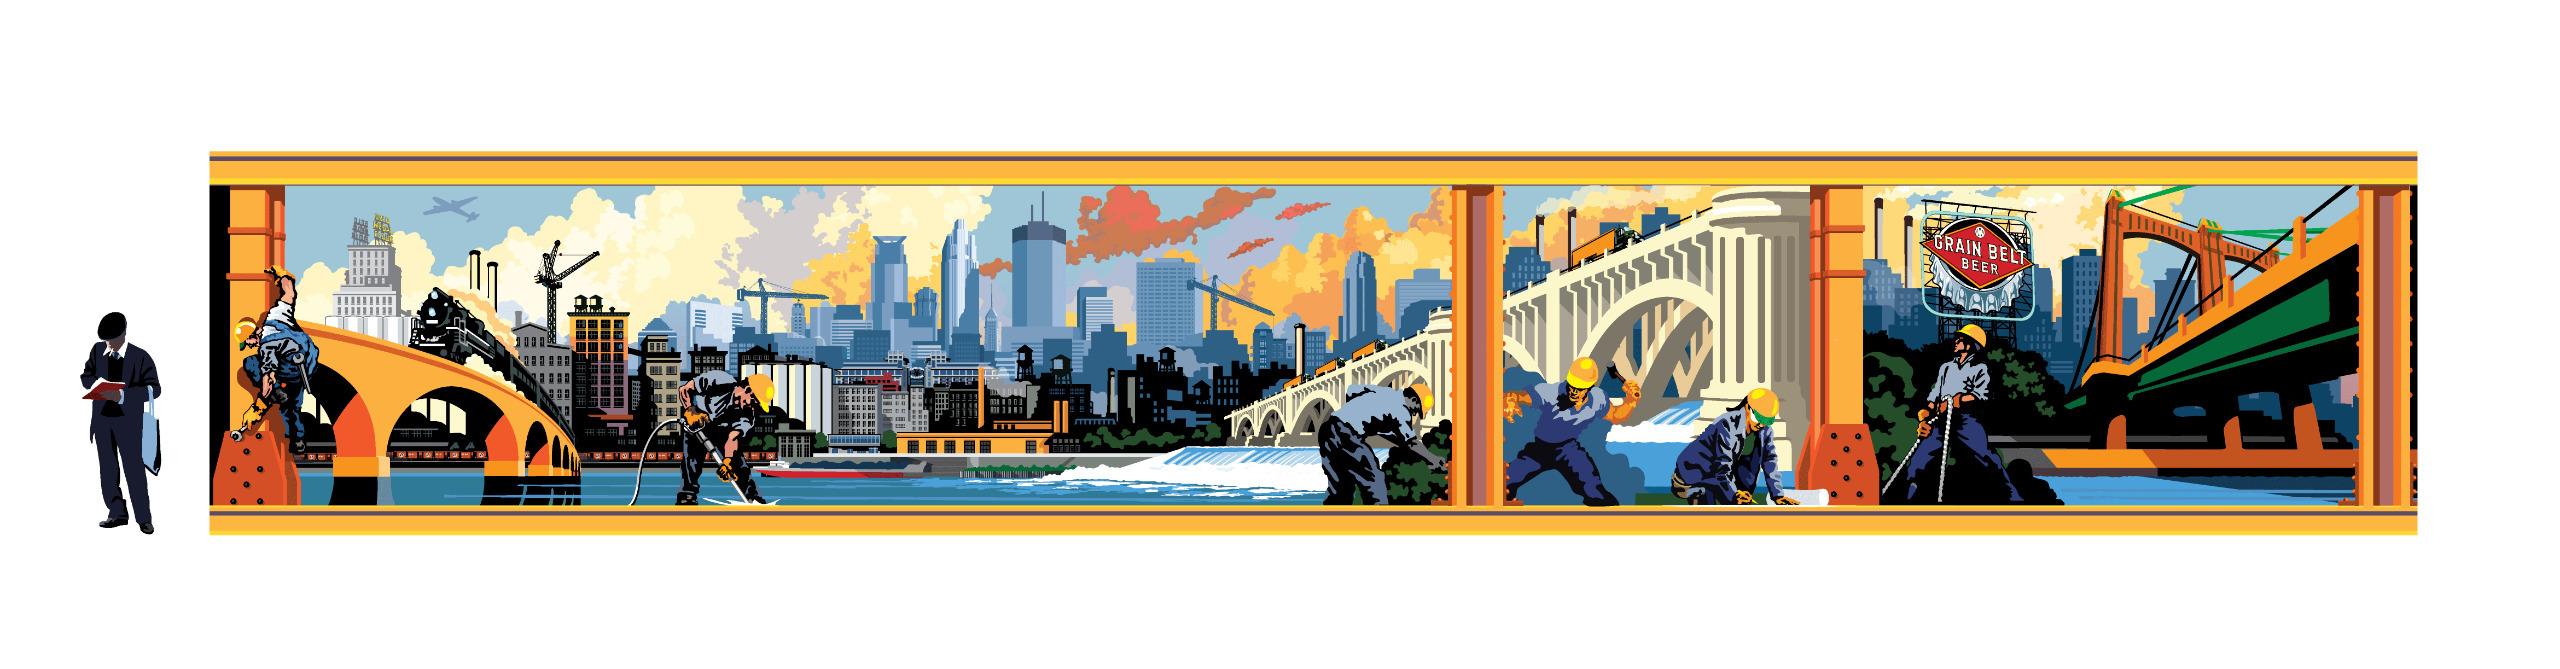 Mark Herman Landmark Art (@ambercs27) Cover Image